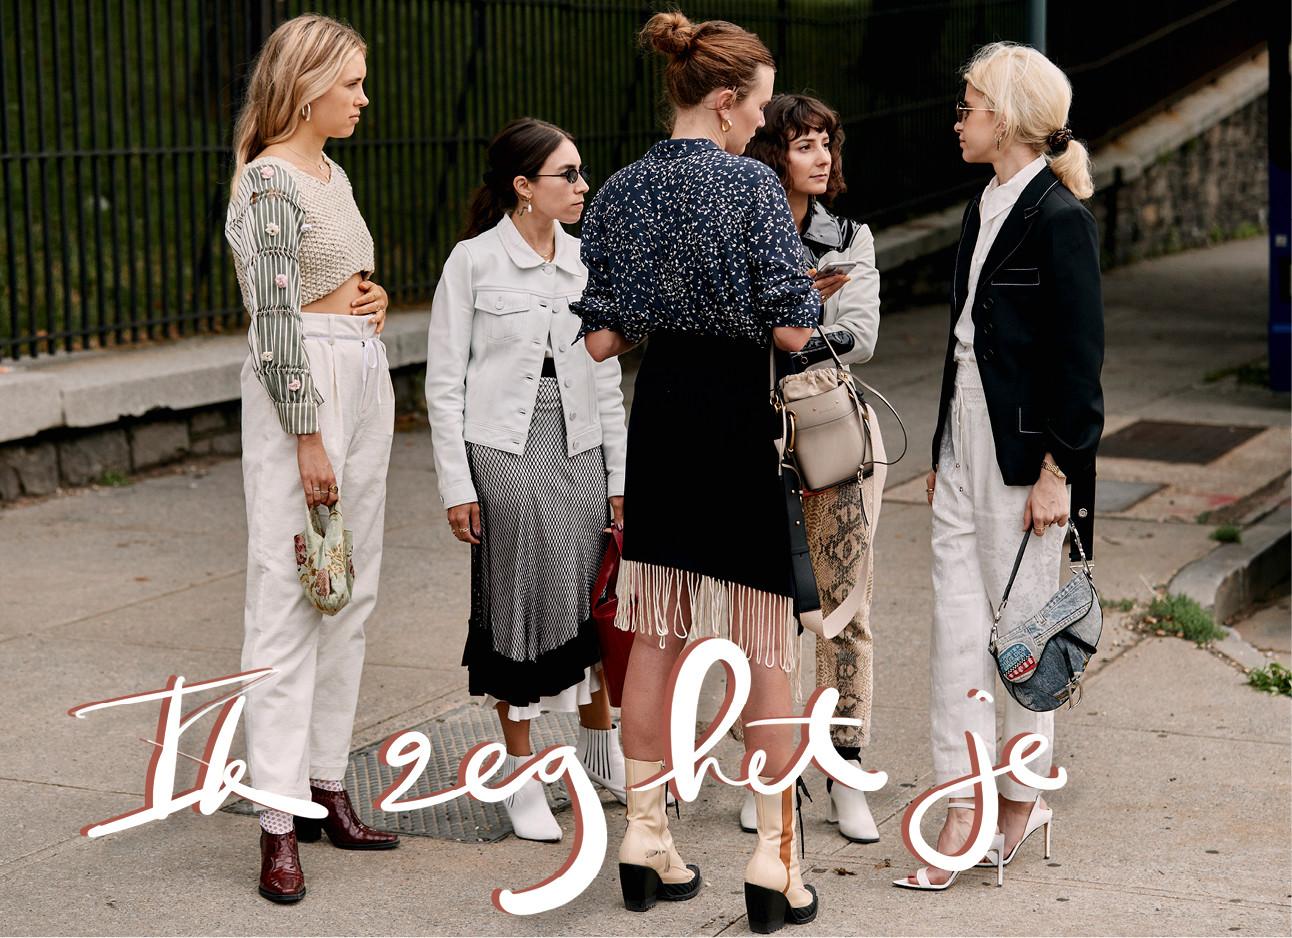 een groepje meiden die samen staan te praten